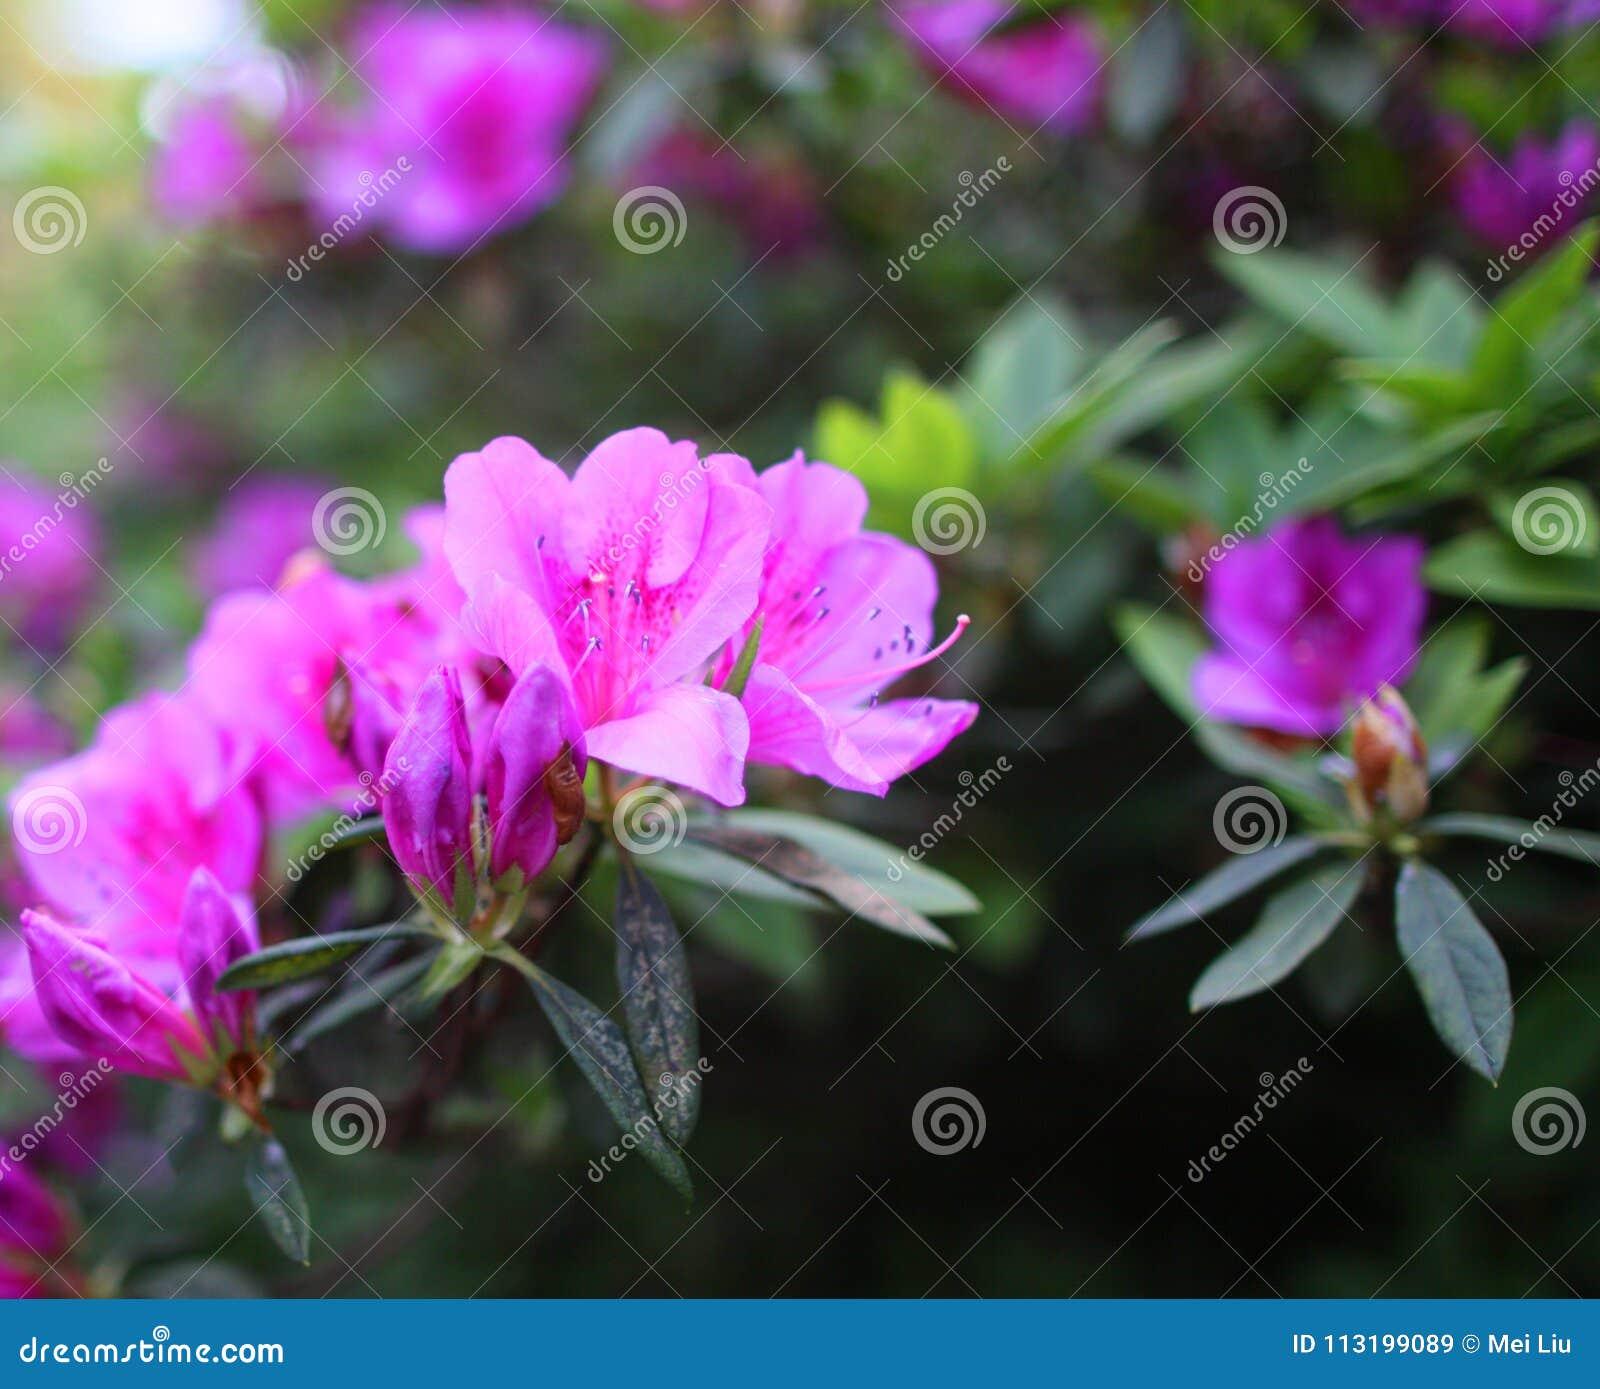 Rododendro porpora dell azalea in piena fioritura